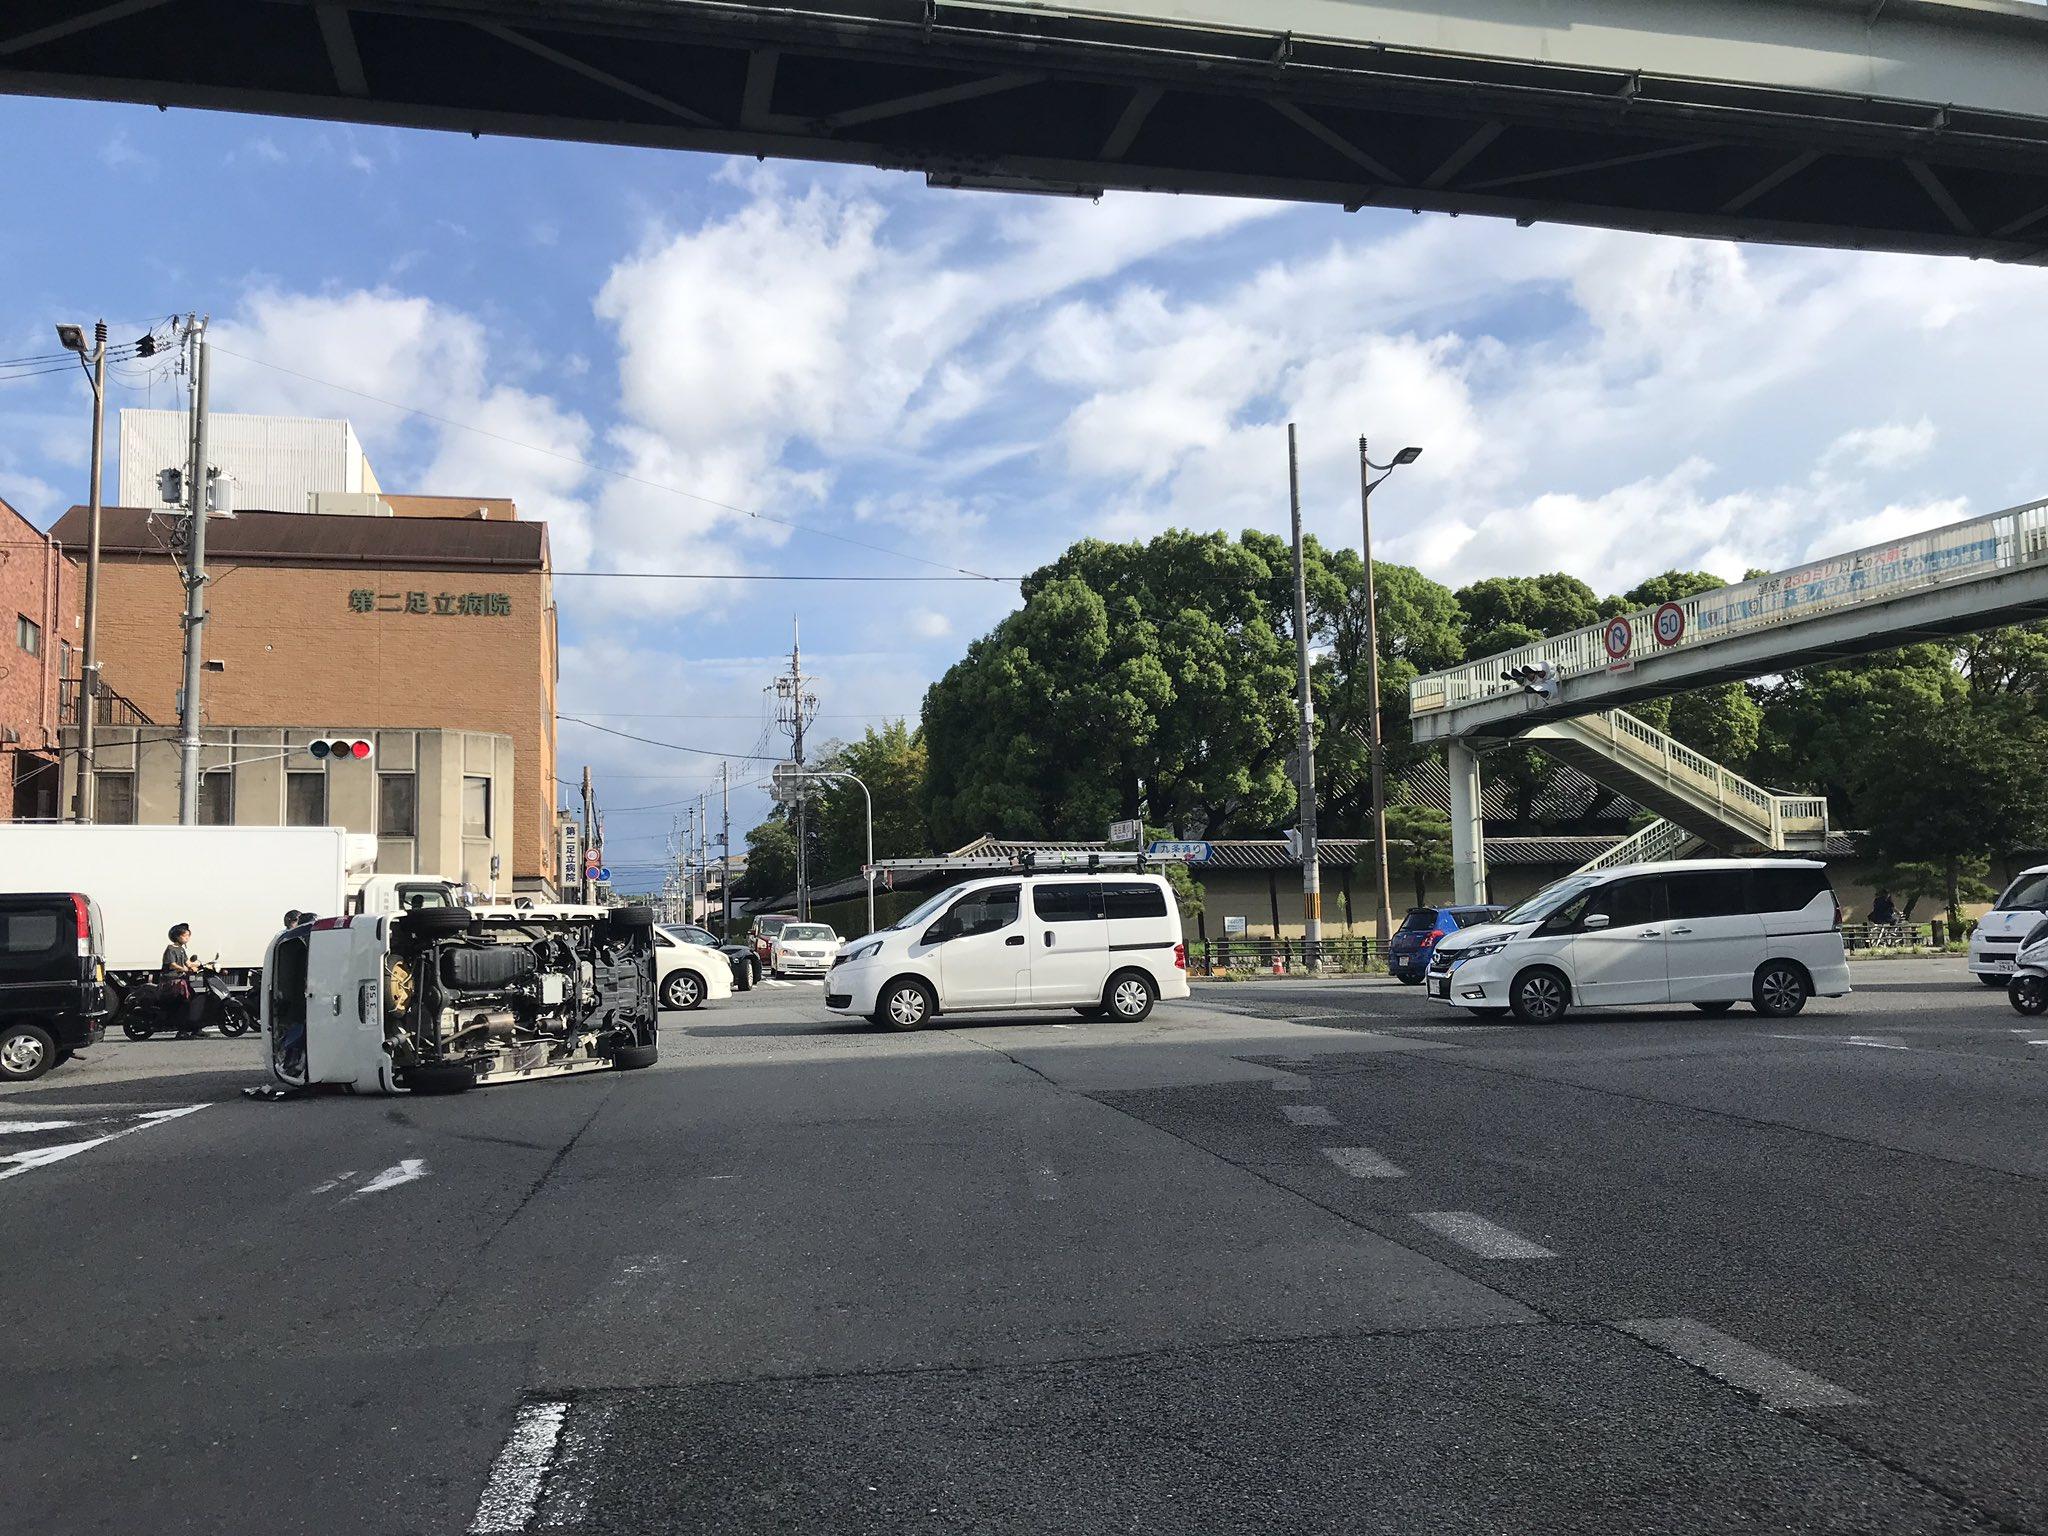 画像,#交通情報#京都今、#国道1号線 #東寺 の交差点で事故これから大 #渋滞 🚐🚕🚙なりそうです。又、早朝から#ネズミ捕り やってます皆さん安全運転で😁#写真撮っ…